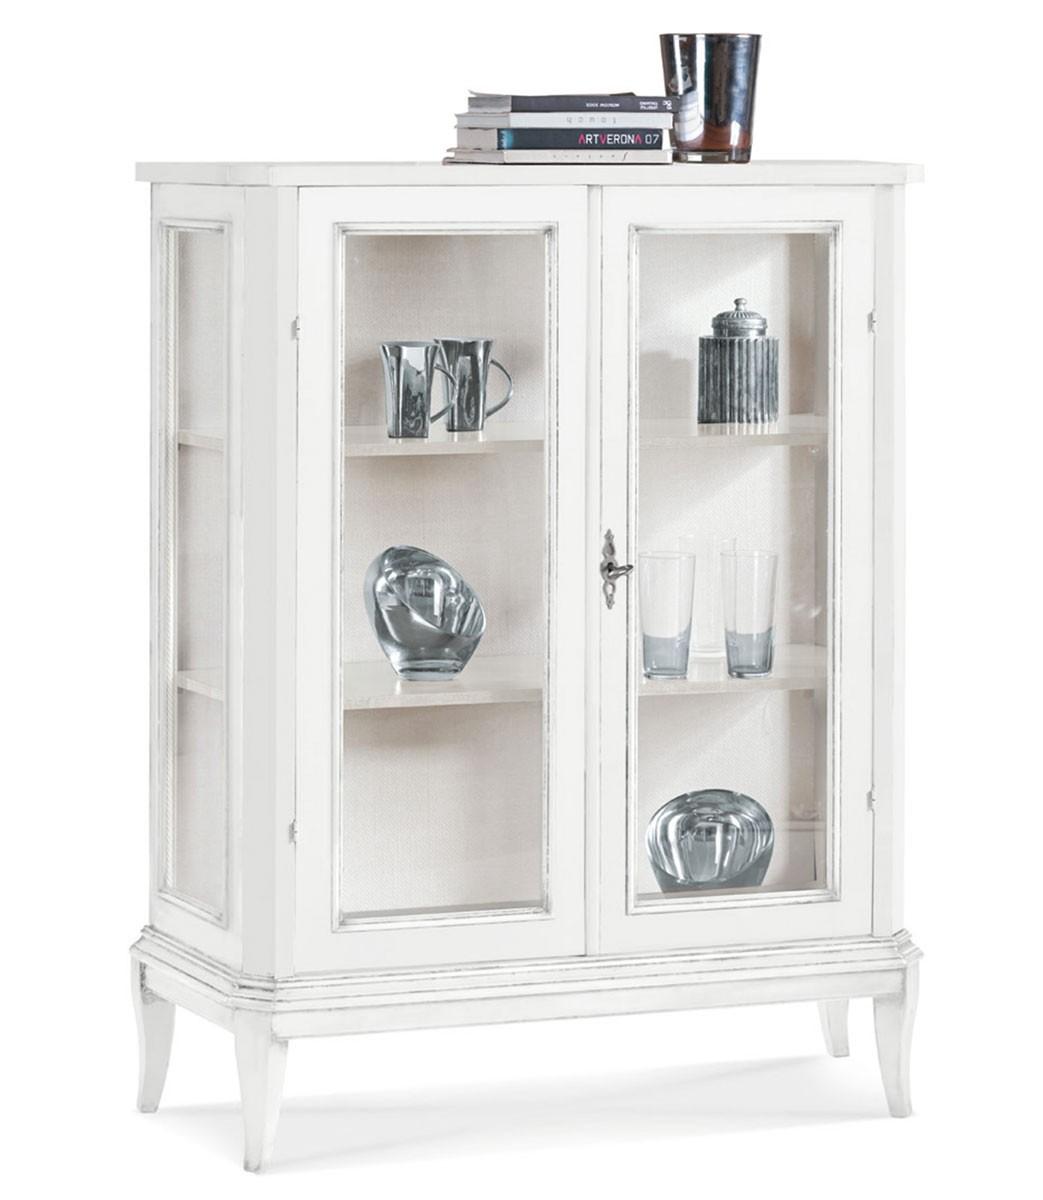 Vetrinetta 2 ante in legno bianco opaco - Spazio Casa